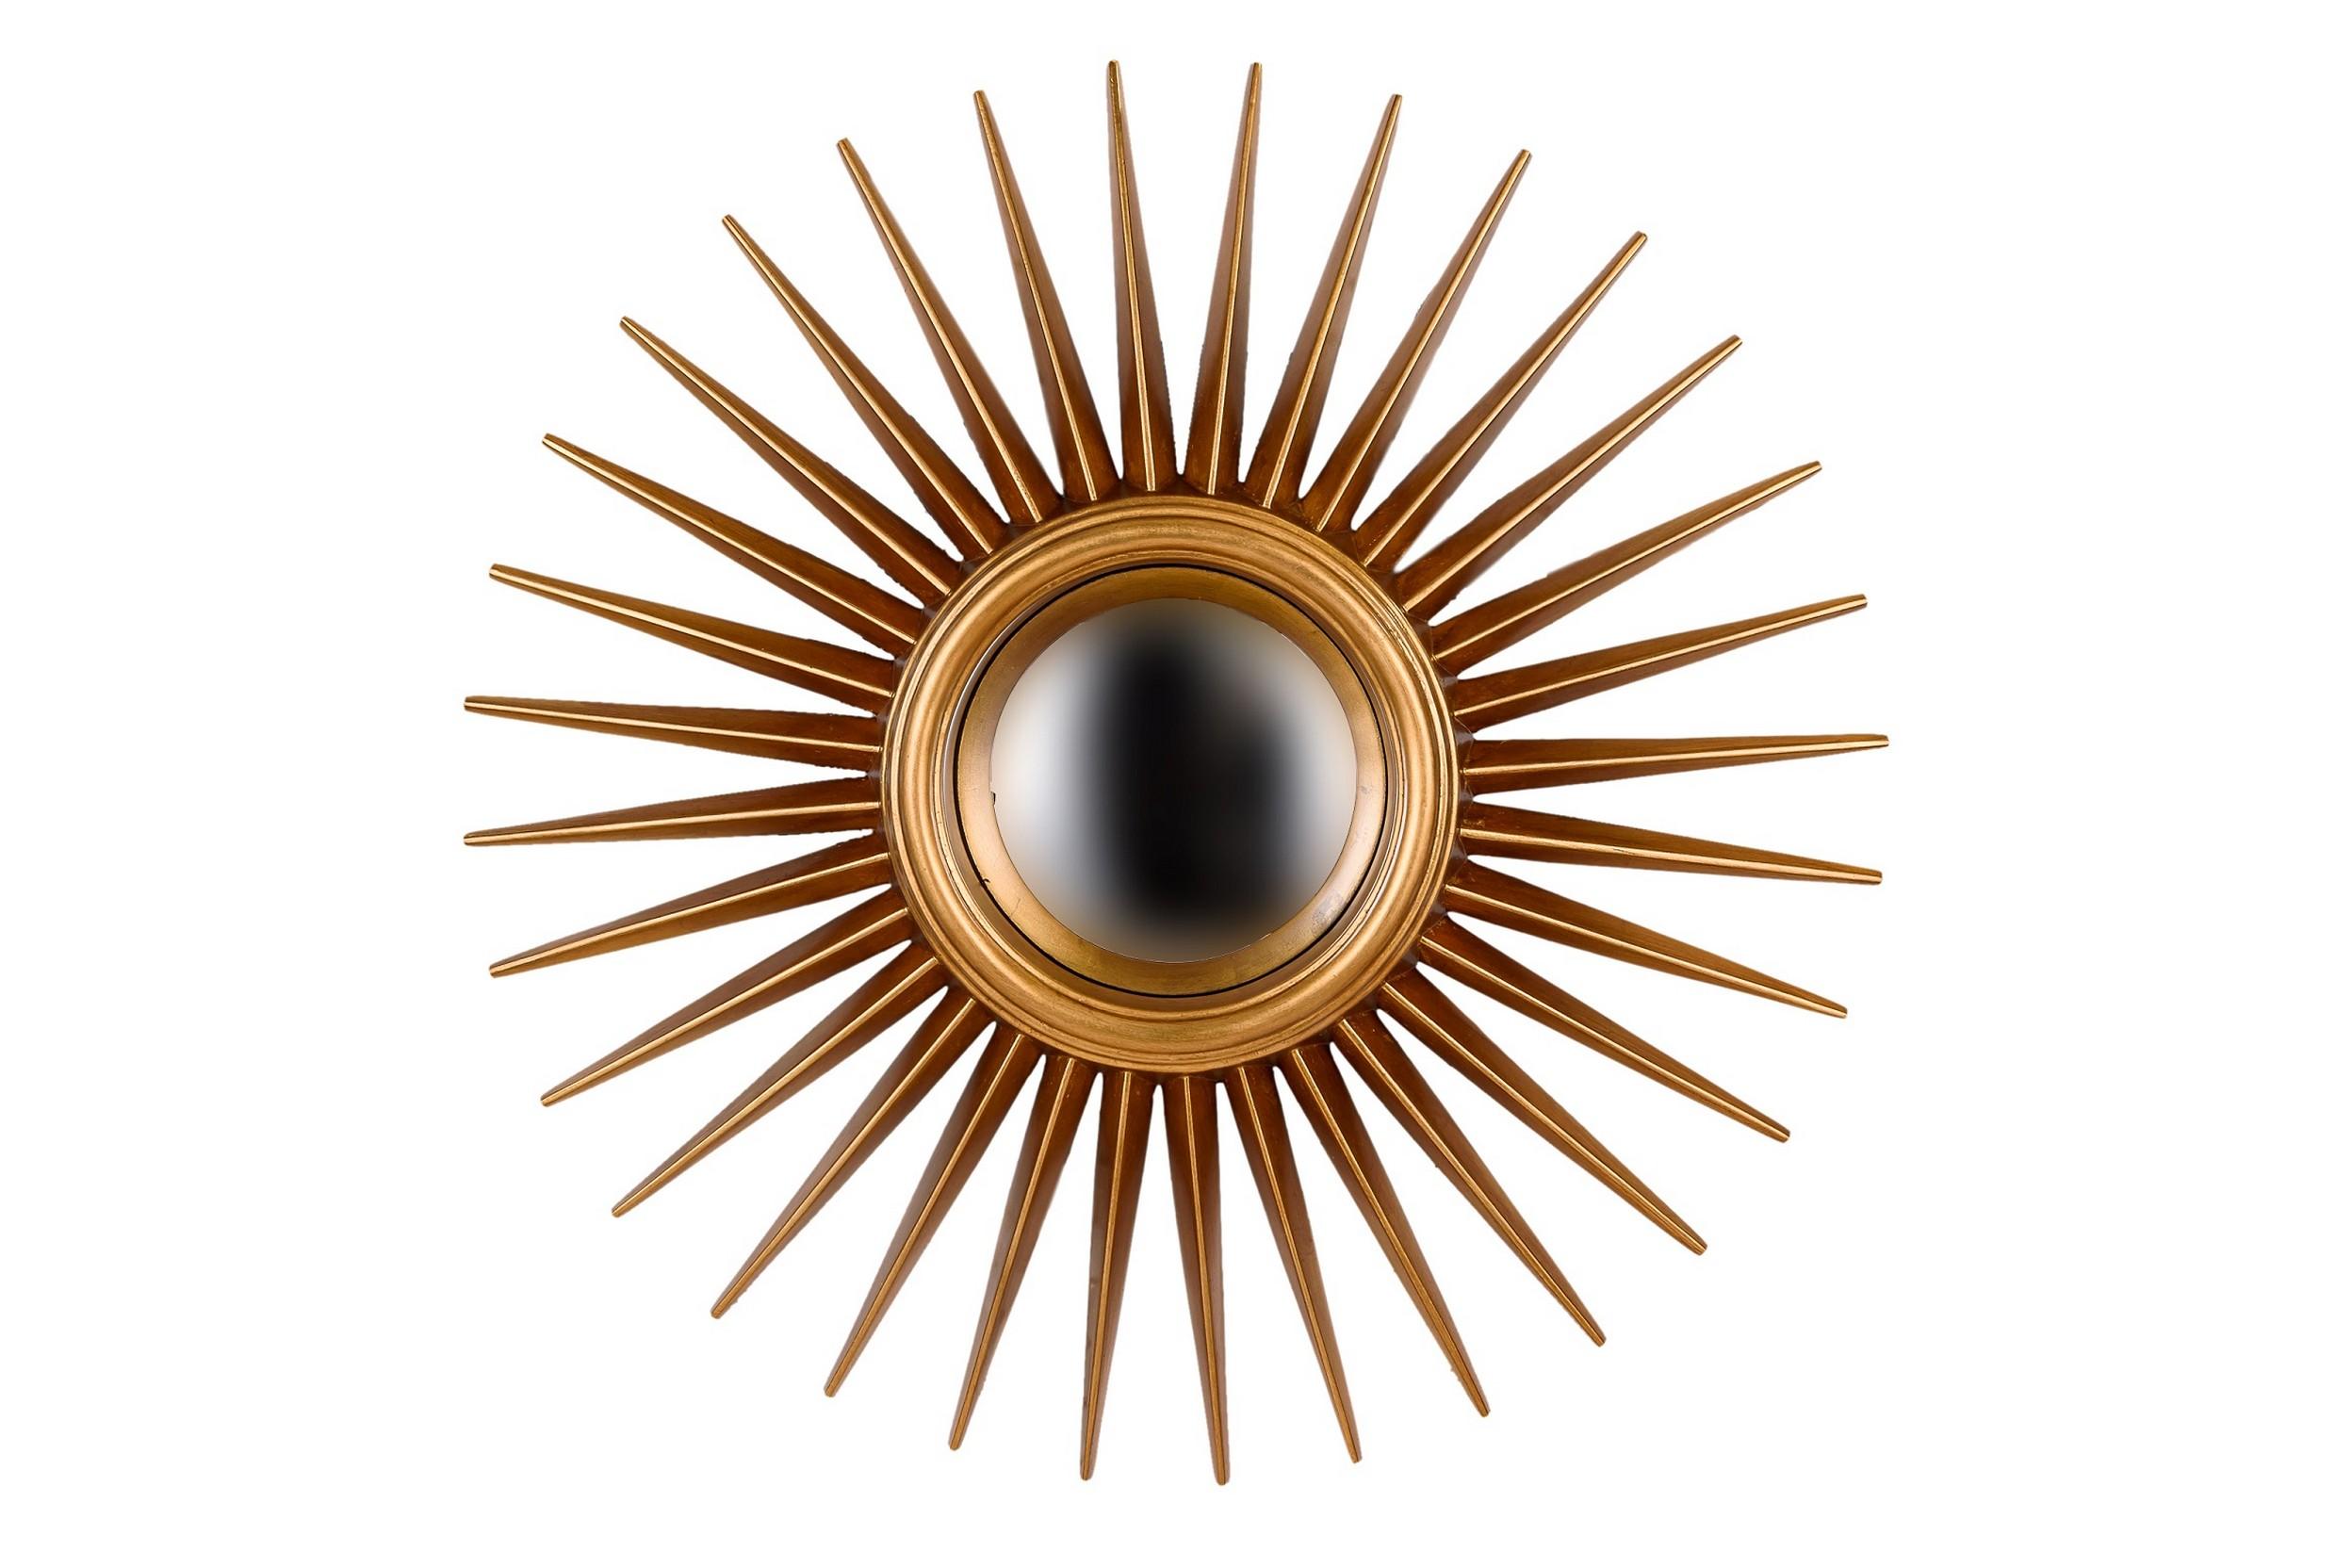 Зеркало в раме солнце Star GoldНастенные зеркала<br>Такой интересный декор не останется без внимания любителей всего оригинального. Это не удивительно, ведь каждая деталь &amp;quot;Star Gold&amp;quot; завораживает своей нетривиальностью. Изюминкой оформления выступает рама, чьи пропорции делают декор похожим на солнце. Остроконечные золотые лучи отходят от зеркальной поверхности не гладкой, а выпуклой сферической формы. Это придает &amp;quot;Star Gold&amp;quot; больше схожести с яркой звездой, которая теперь может сиять не только на небосклоне, но и у вас в гостиной или холле.&amp;lt;div&amp;gt;&amp;lt;br&amp;gt;&amp;lt;/div&amp;gt;&amp;lt;div&amp;gt;Влагостойкое серебряное зеркало.&amp;lt;/div&amp;gt;&amp;lt;div&amp;gt;Материал рамы: полиуретан.&amp;lt;/div&amp;gt;&amp;lt;div&amp;gt;Цвет зеркала/рамы: золото.&amp;lt;/div&amp;gt;&amp;lt;div&amp;gt;Размер внешний, с рамой: диаметр 76 см.&amp;lt;/div&amp;gt;&amp;lt;div&amp;gt;Вес: 4,5 кг.&amp;lt;/div&amp;gt;<br><br>Material: Пластик<br>Depth см: 4<br>Diameter см: 76